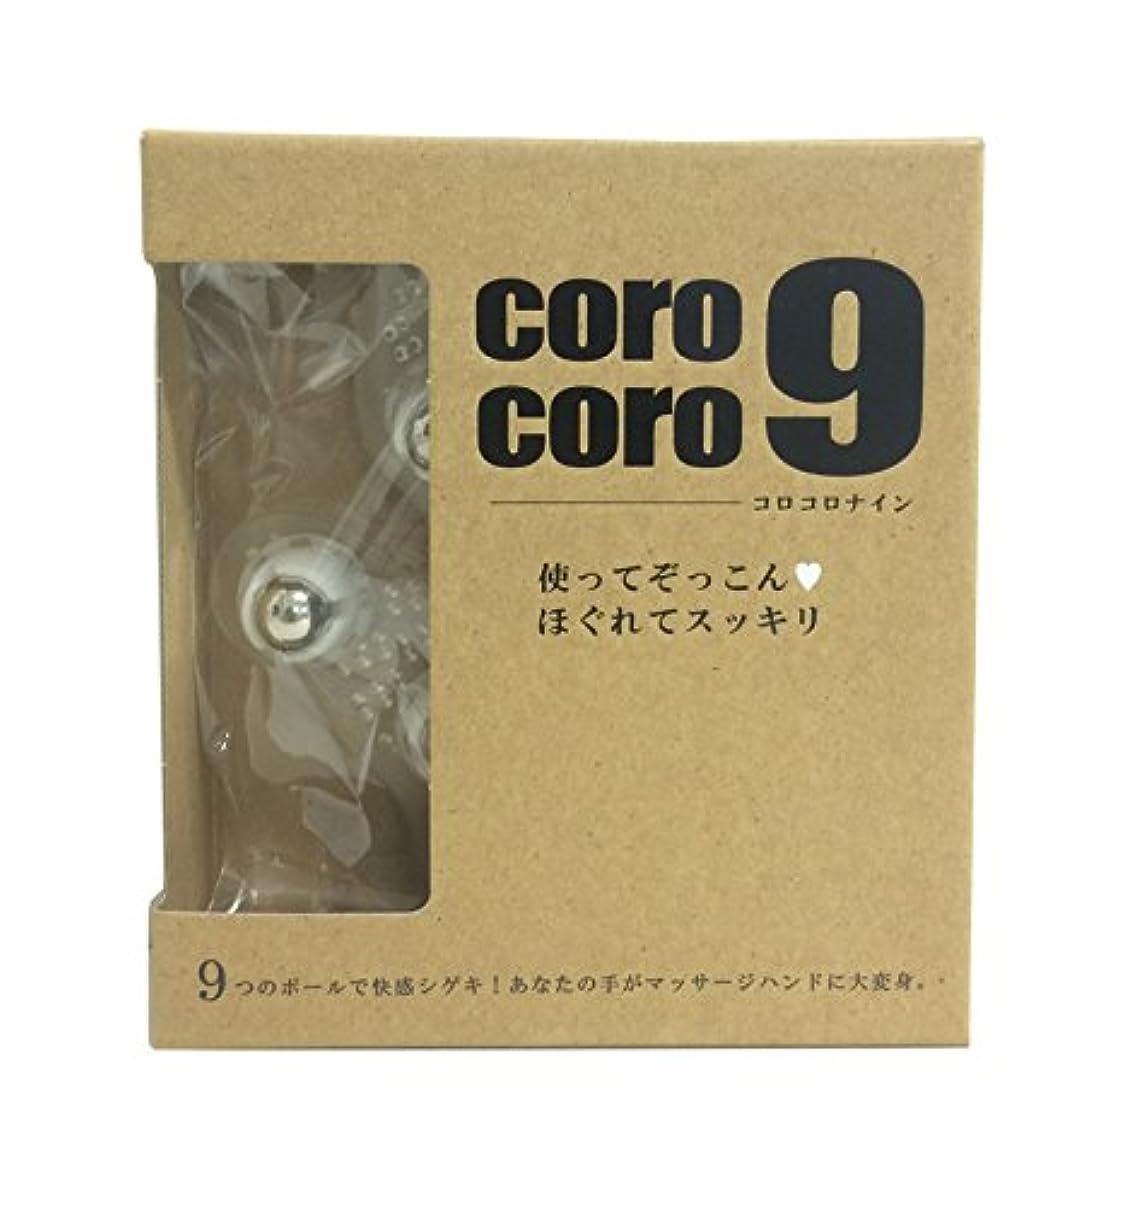 命令的噴出するメガロポリスReシリーズ CoroCoro9 クリア